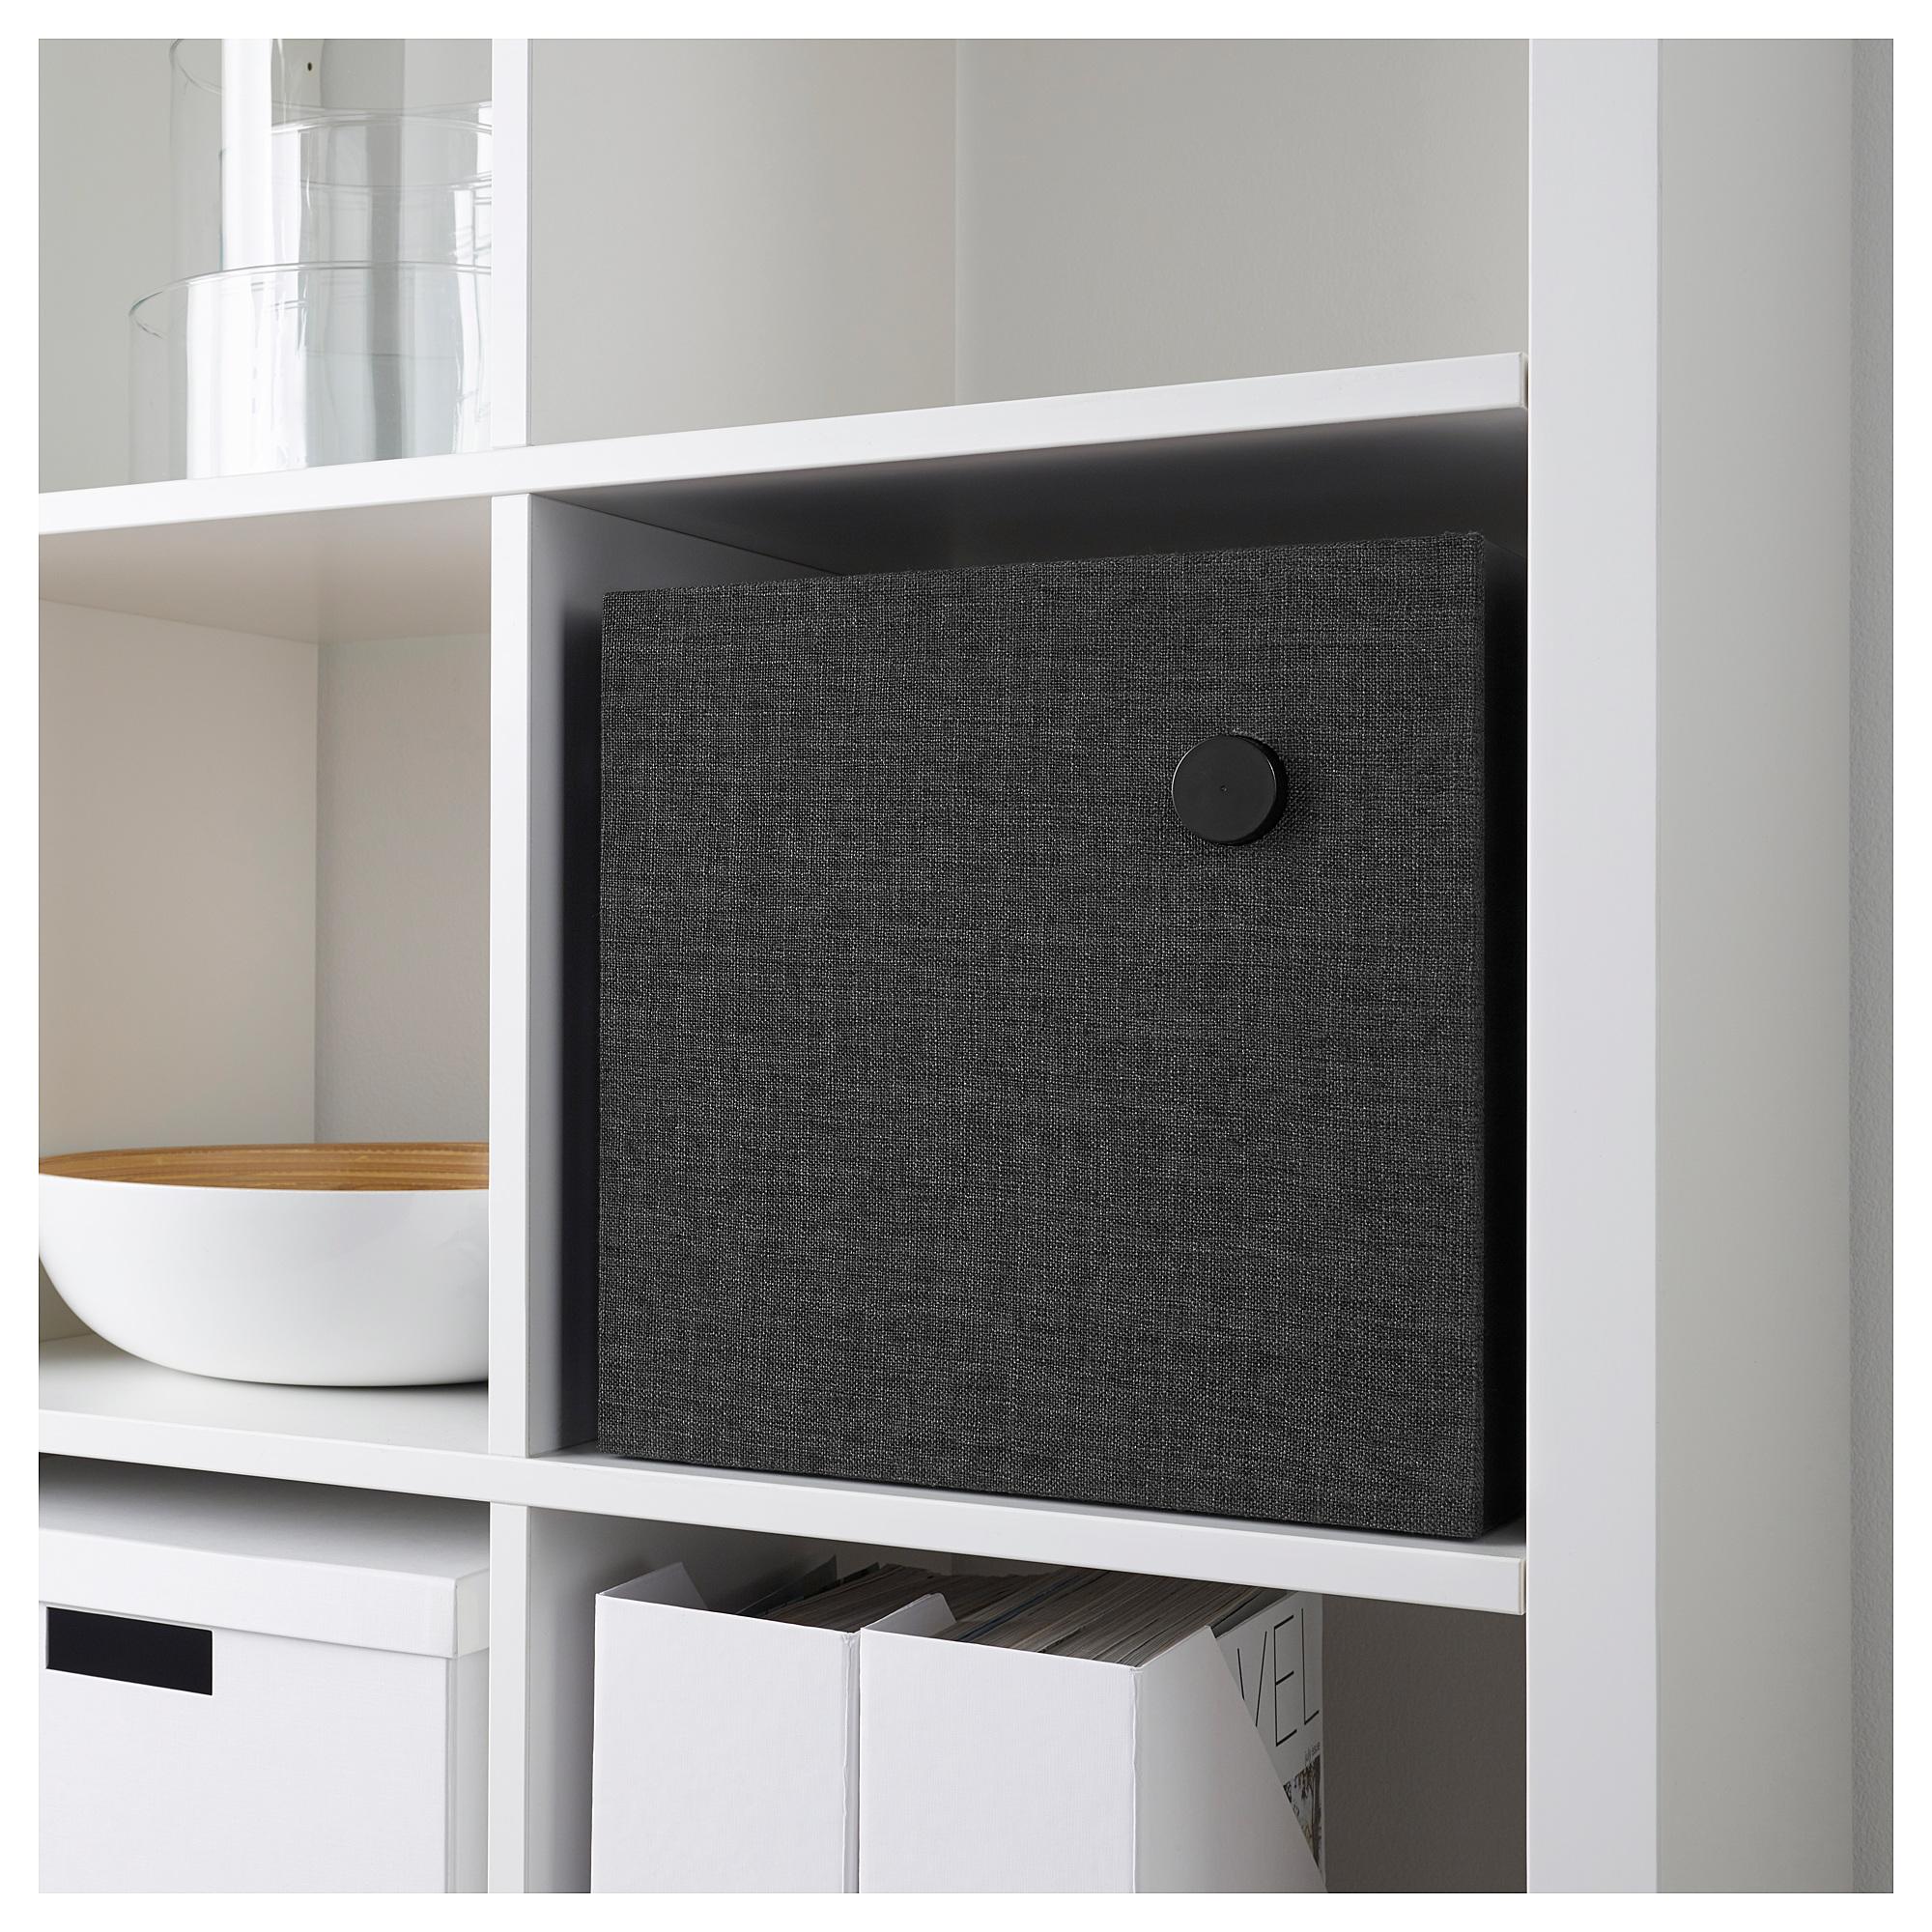 eneby-bluetooth-speaker-black__0566698_pe665055_s5.jpg